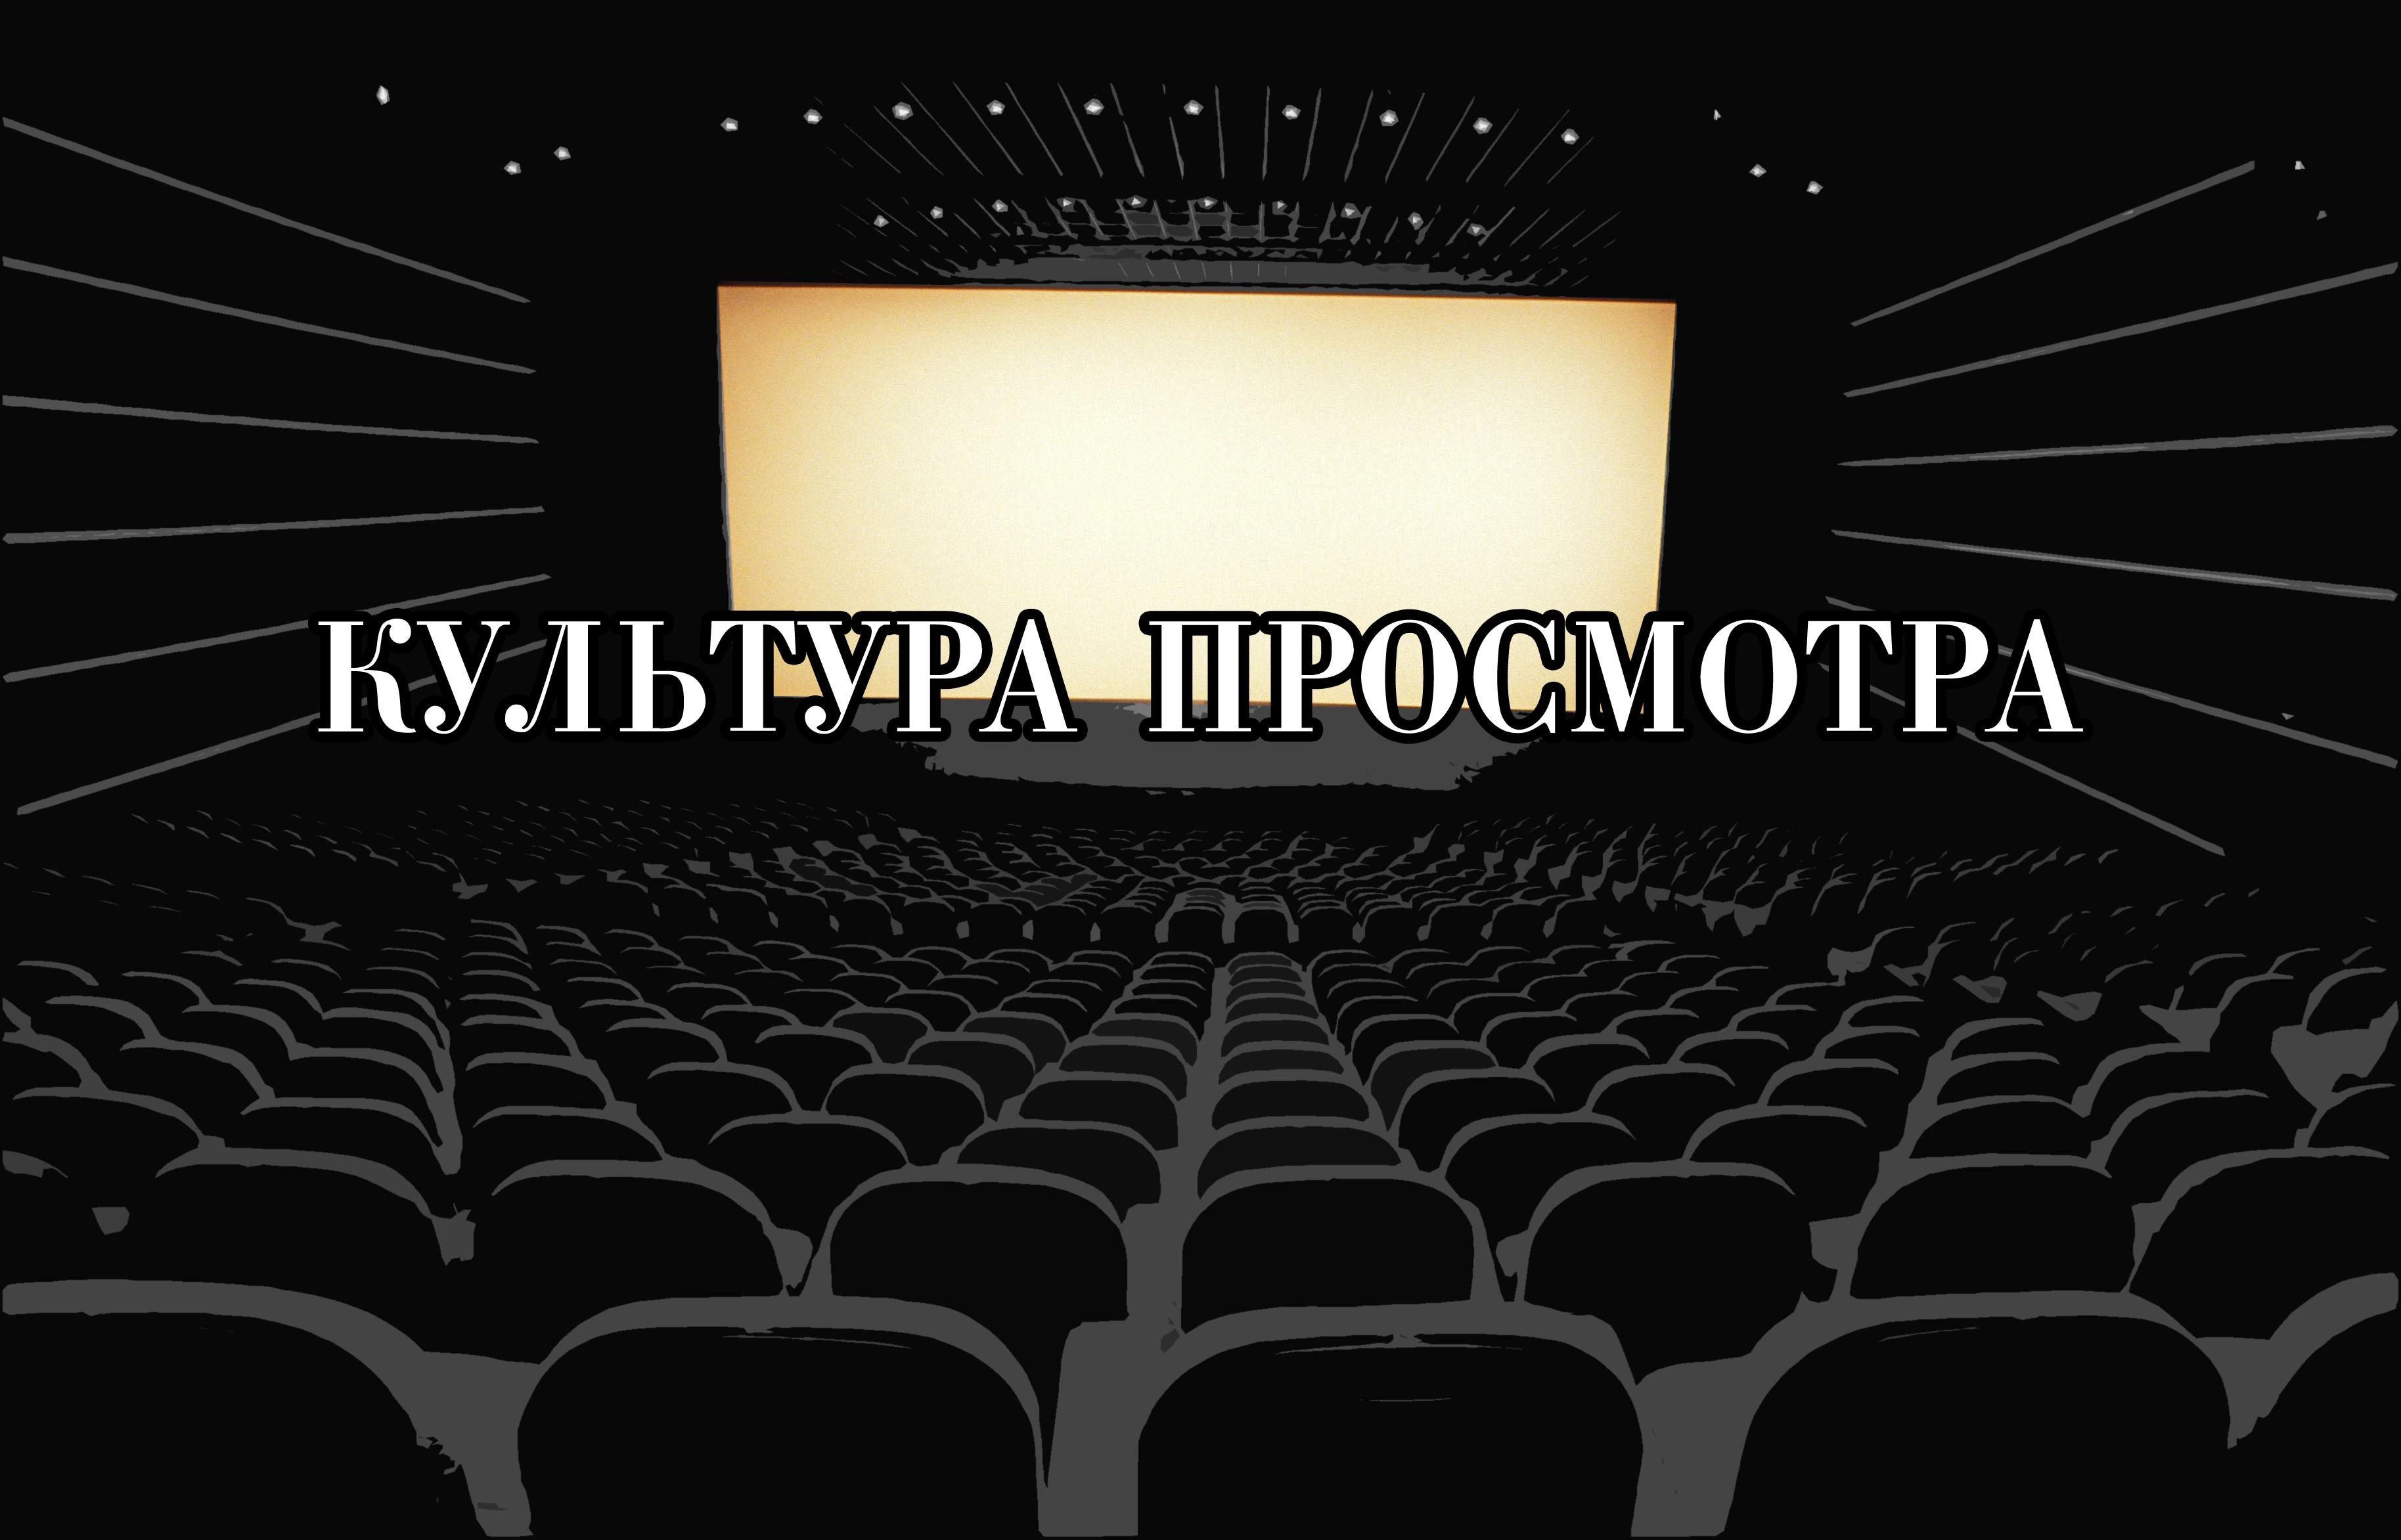 Экранное искусство. Культура просмотра фильма